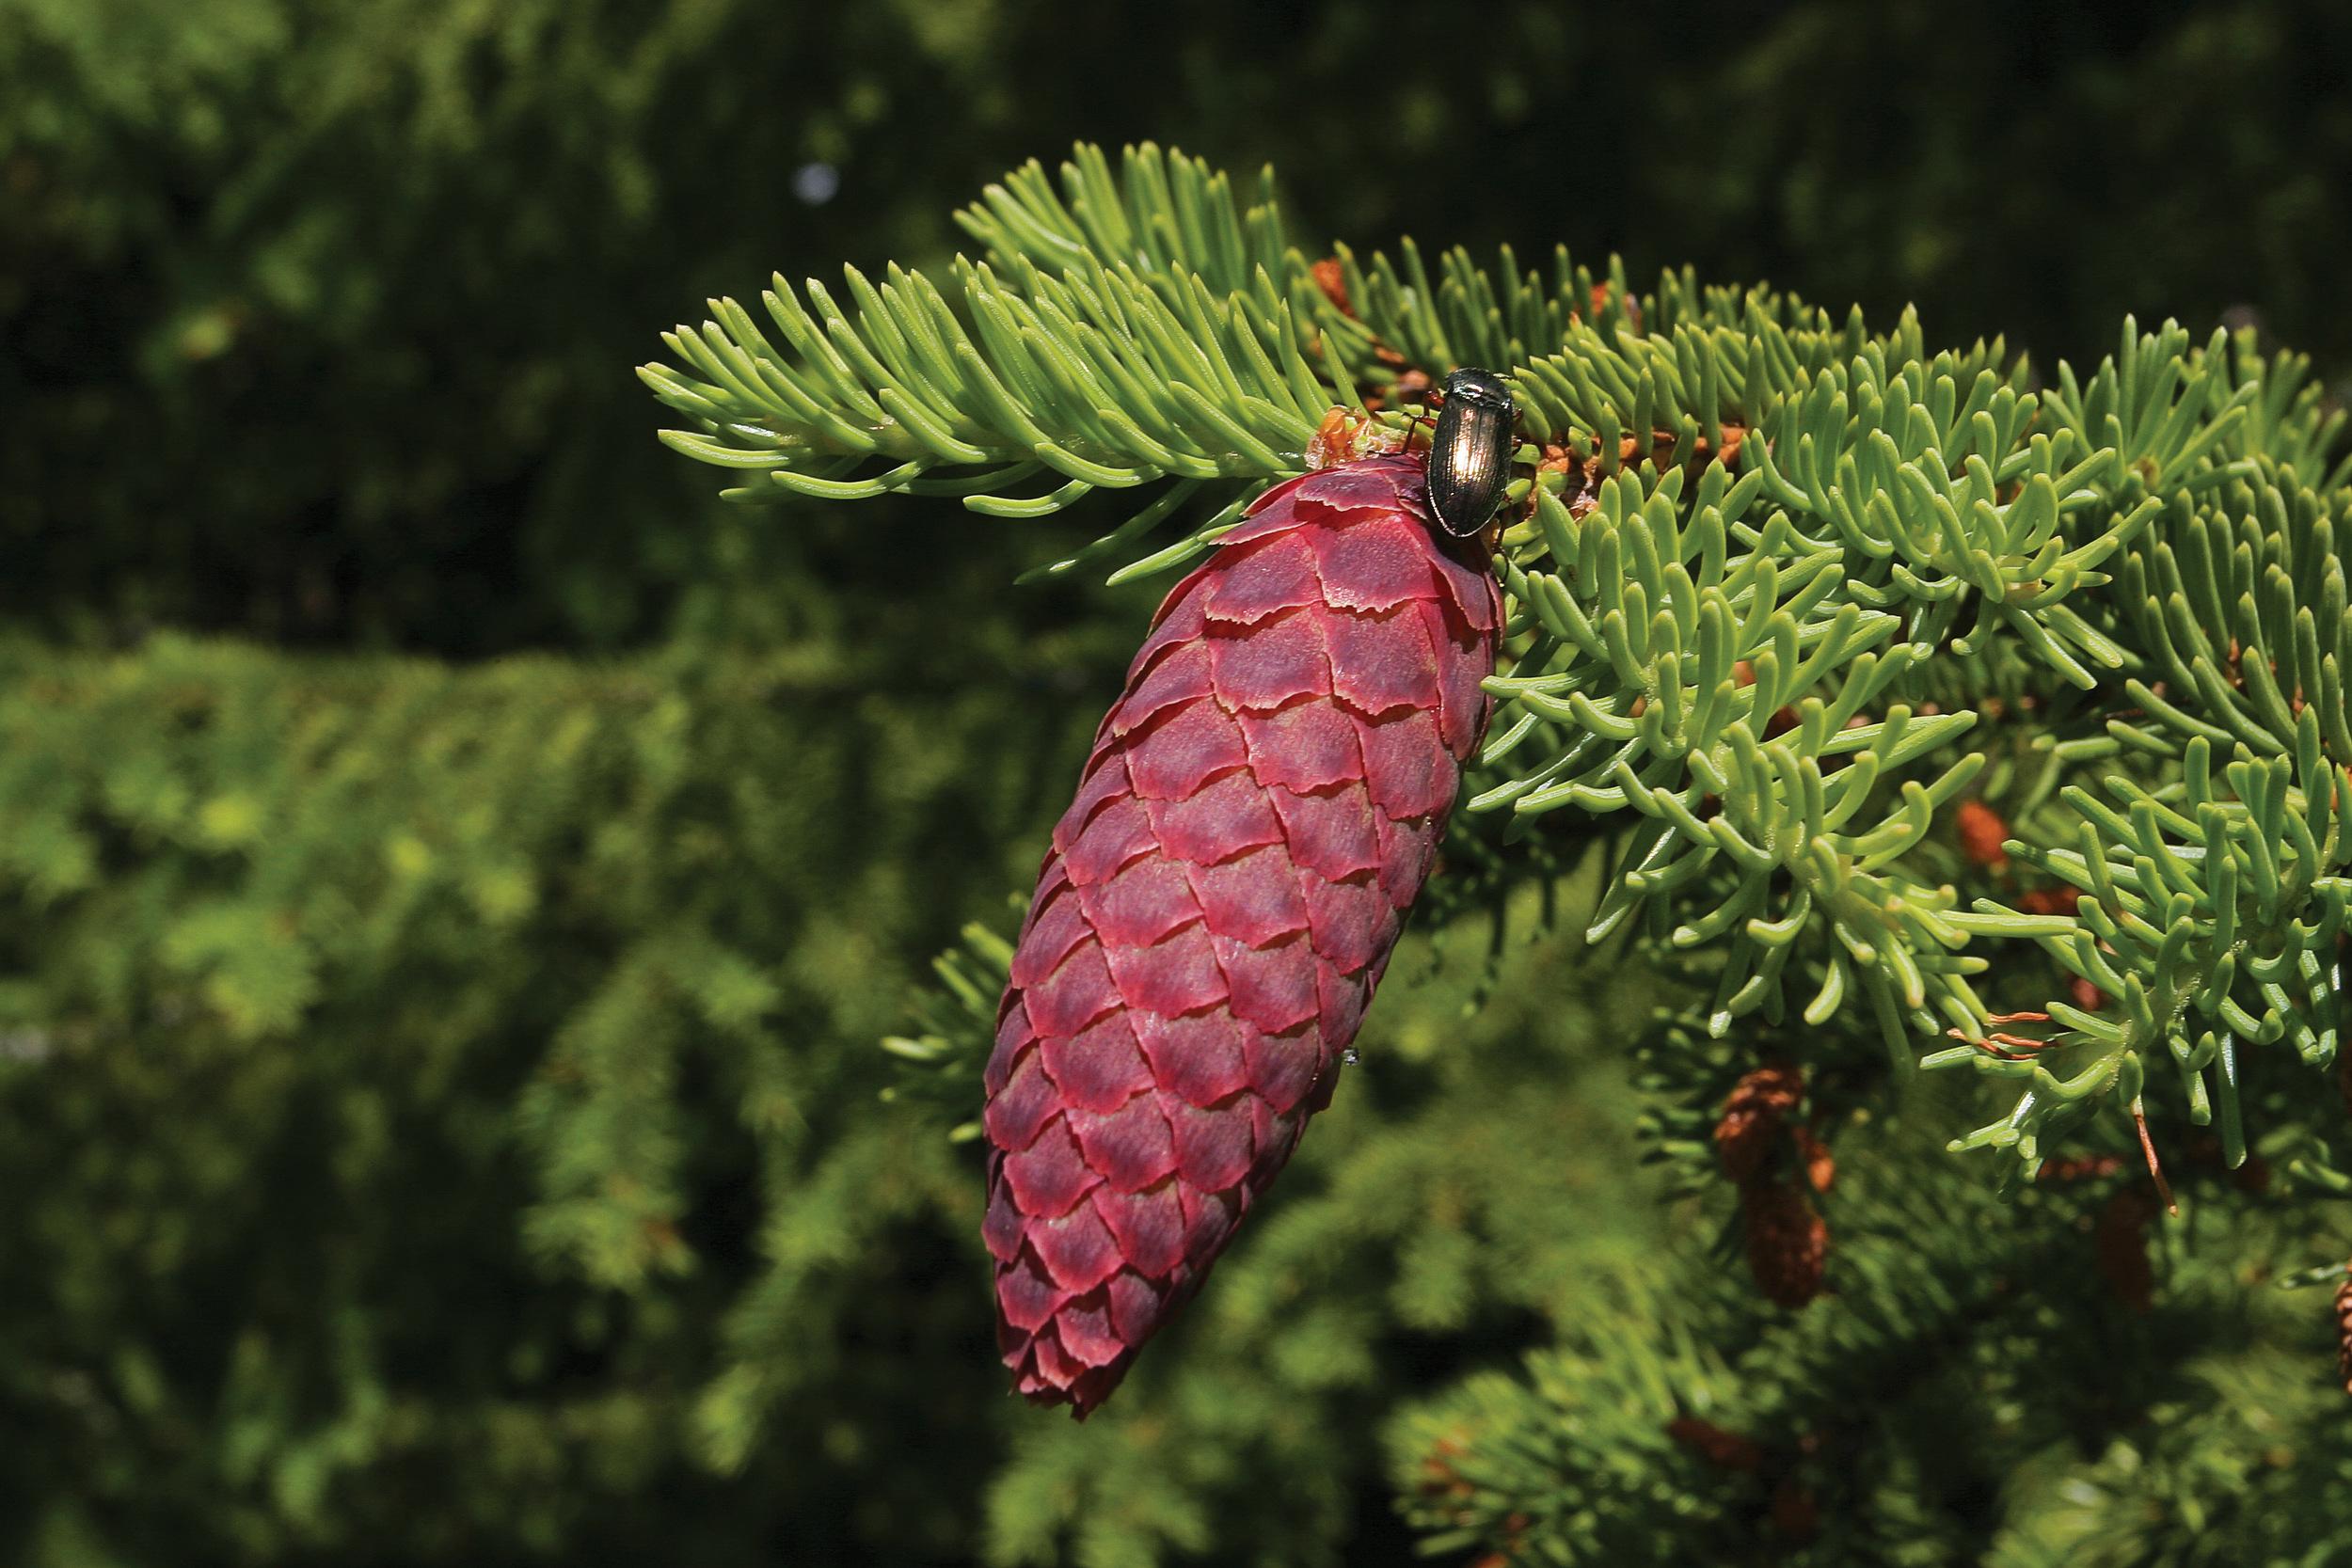 Gran ( Picea abies ) er det treslaget som er best karakterisert genetisk, både når det gjelder provenienser, familier og kloner Tidlig i utviklingen, på forsommeren, er grankonglene røde og står rett opp. Etter hvert blir de hengende og til slutt åpner skjellene seg. På etterjulsvinteren slippes frøene. Foto: John Yngvar Larsson, NIBIO